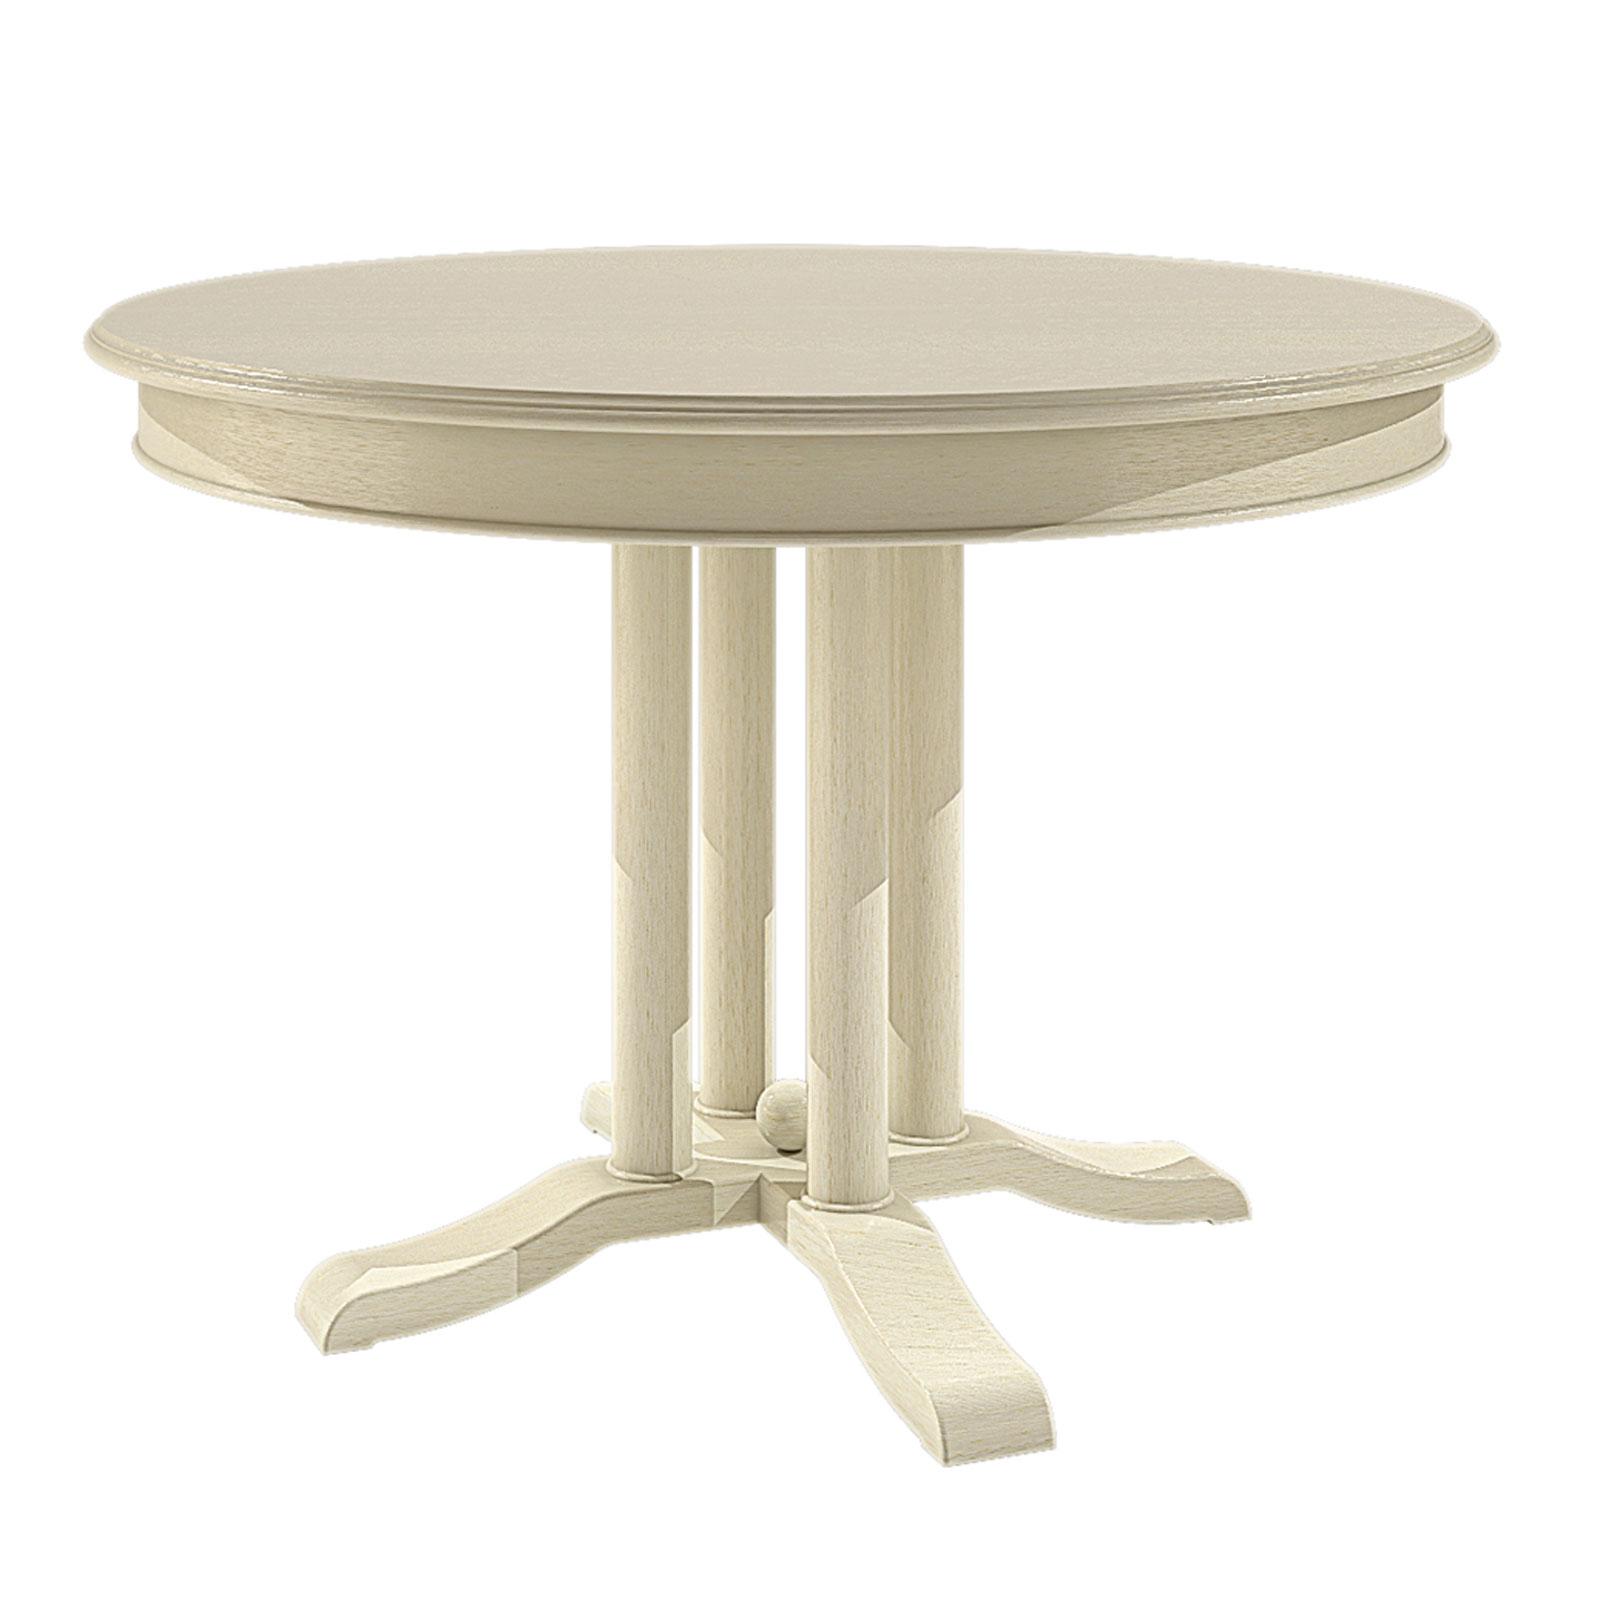 esstisch tisch rund ausziehbar 110 cm allegro mit klappeinlage pinie massiv casamia wohnen